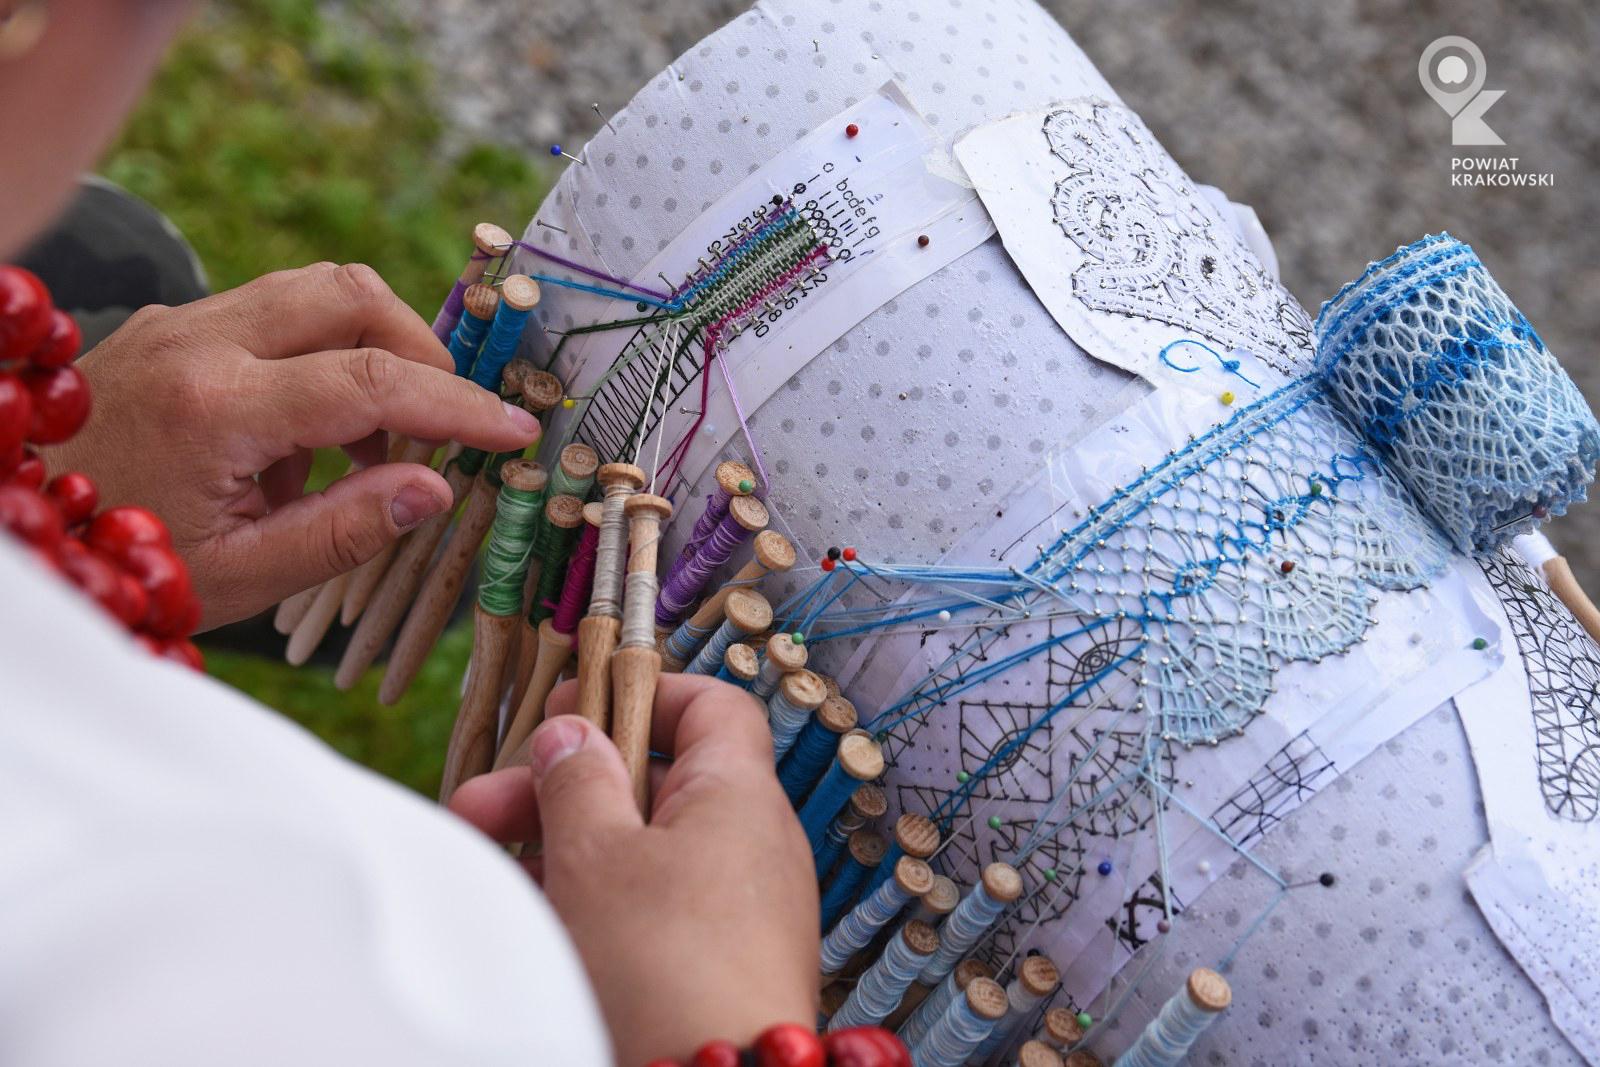 Walec z paskami ze wzorem, wbitymi szpilkami i koronkami w trakcie powstawania